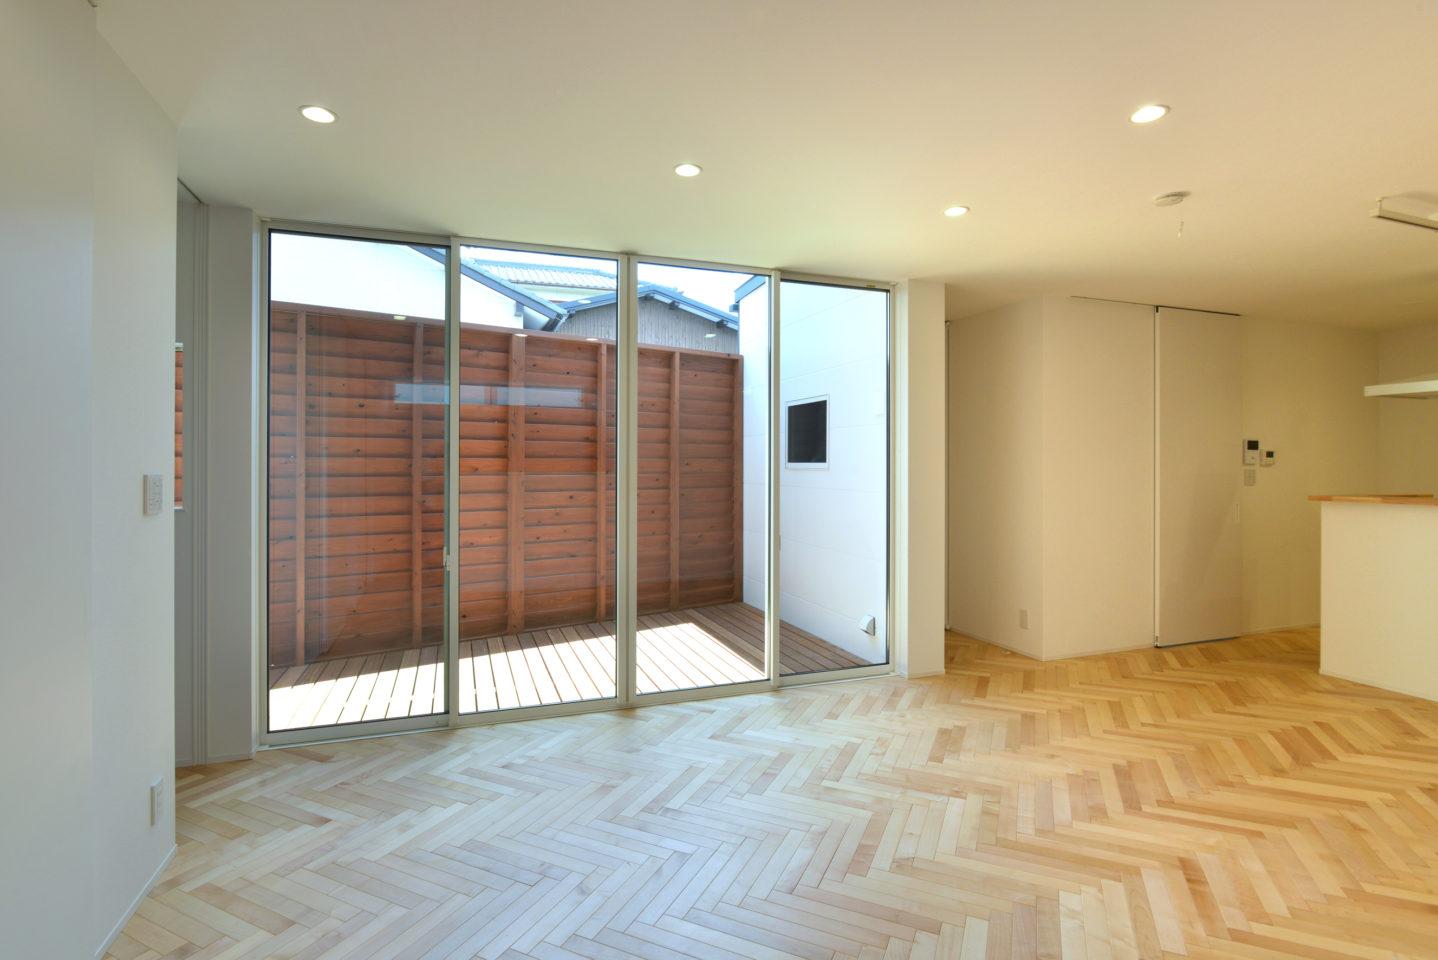 ヘリンボーンの床材が印象的なリビング